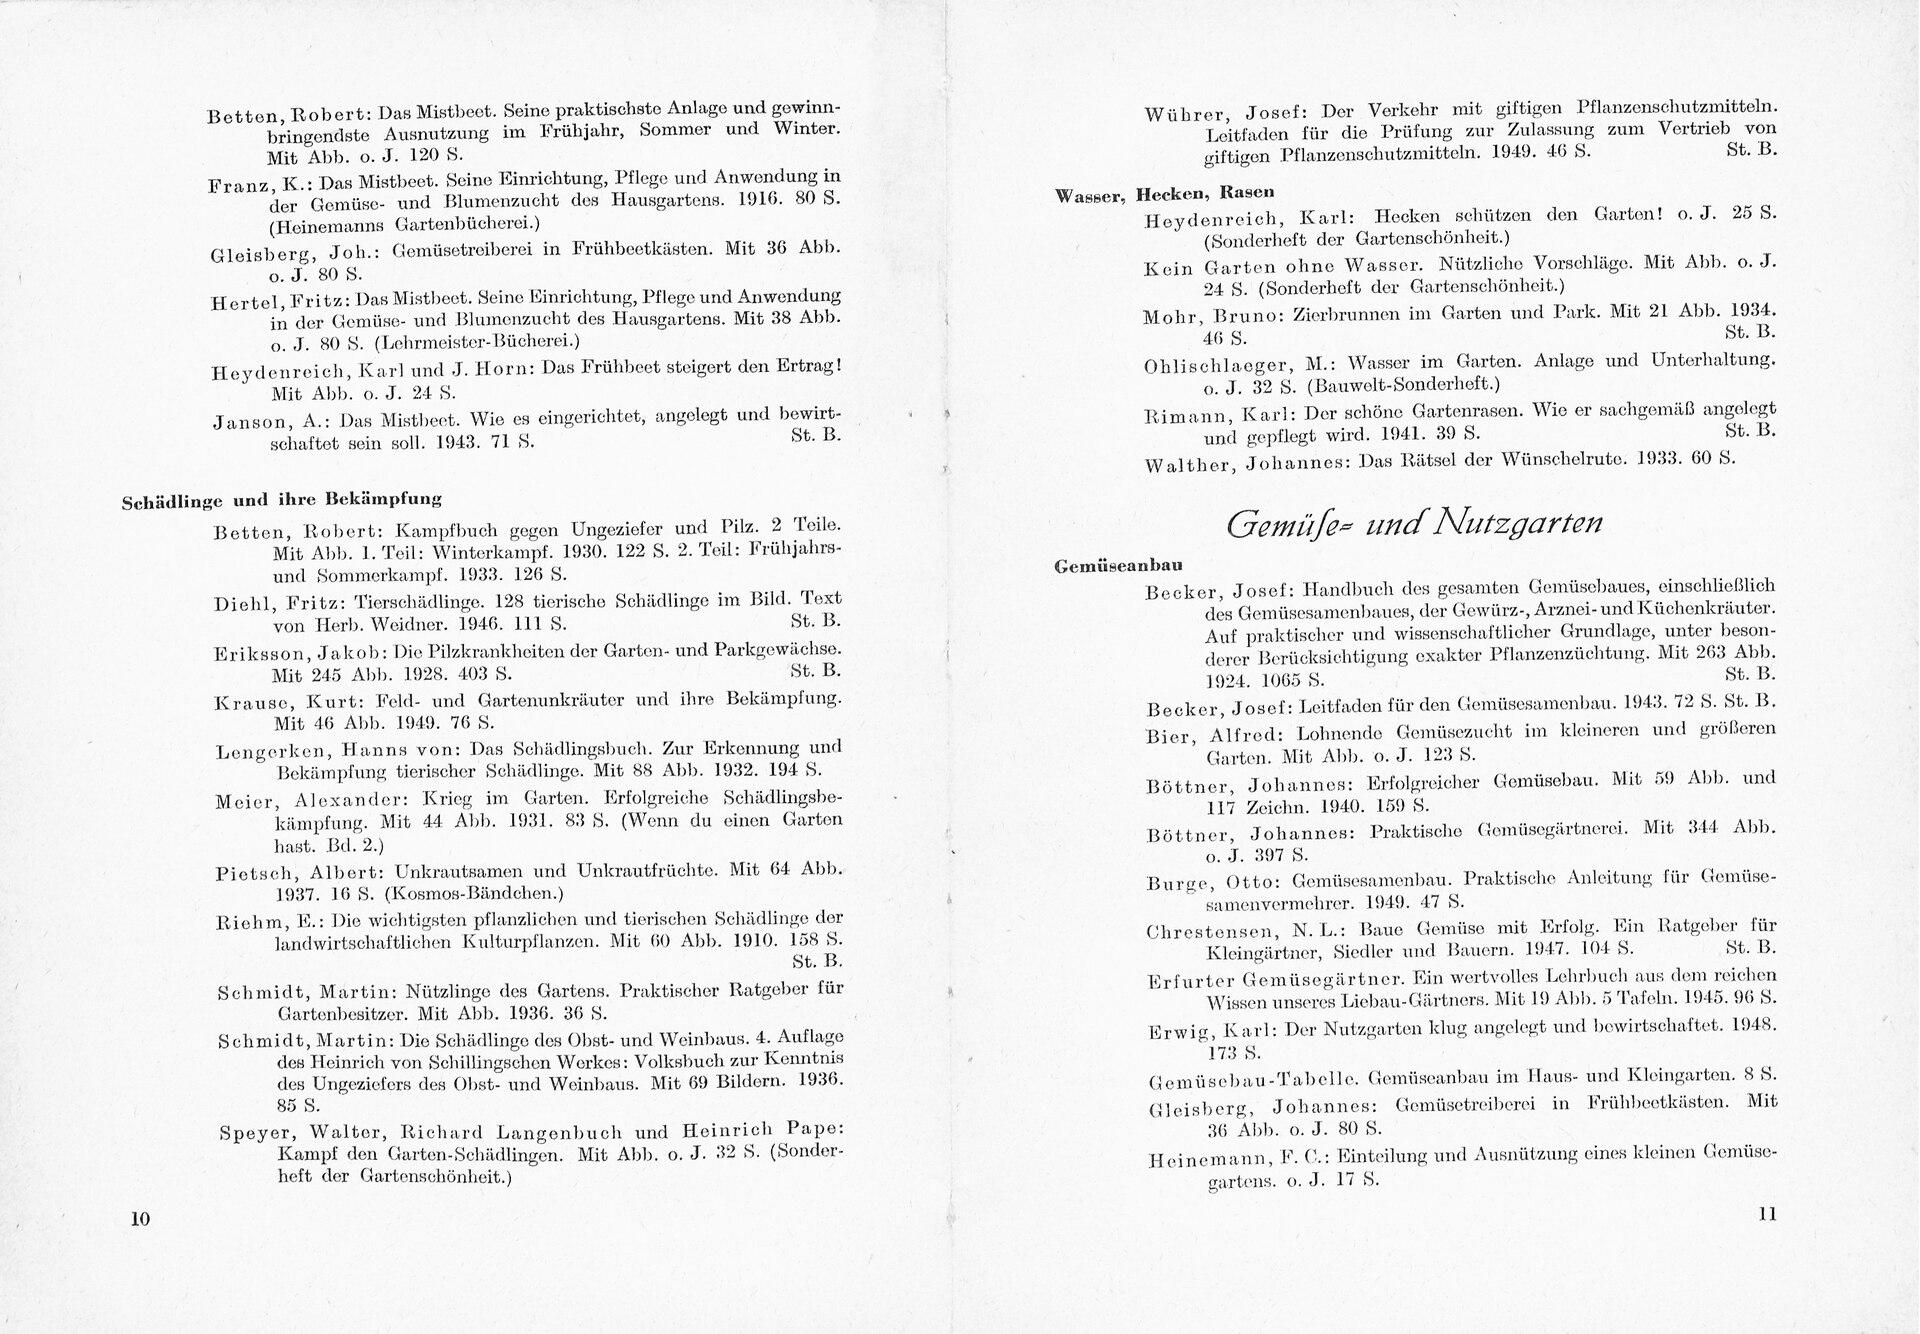 Auswahlverzeichnis.14.10.11.jpg